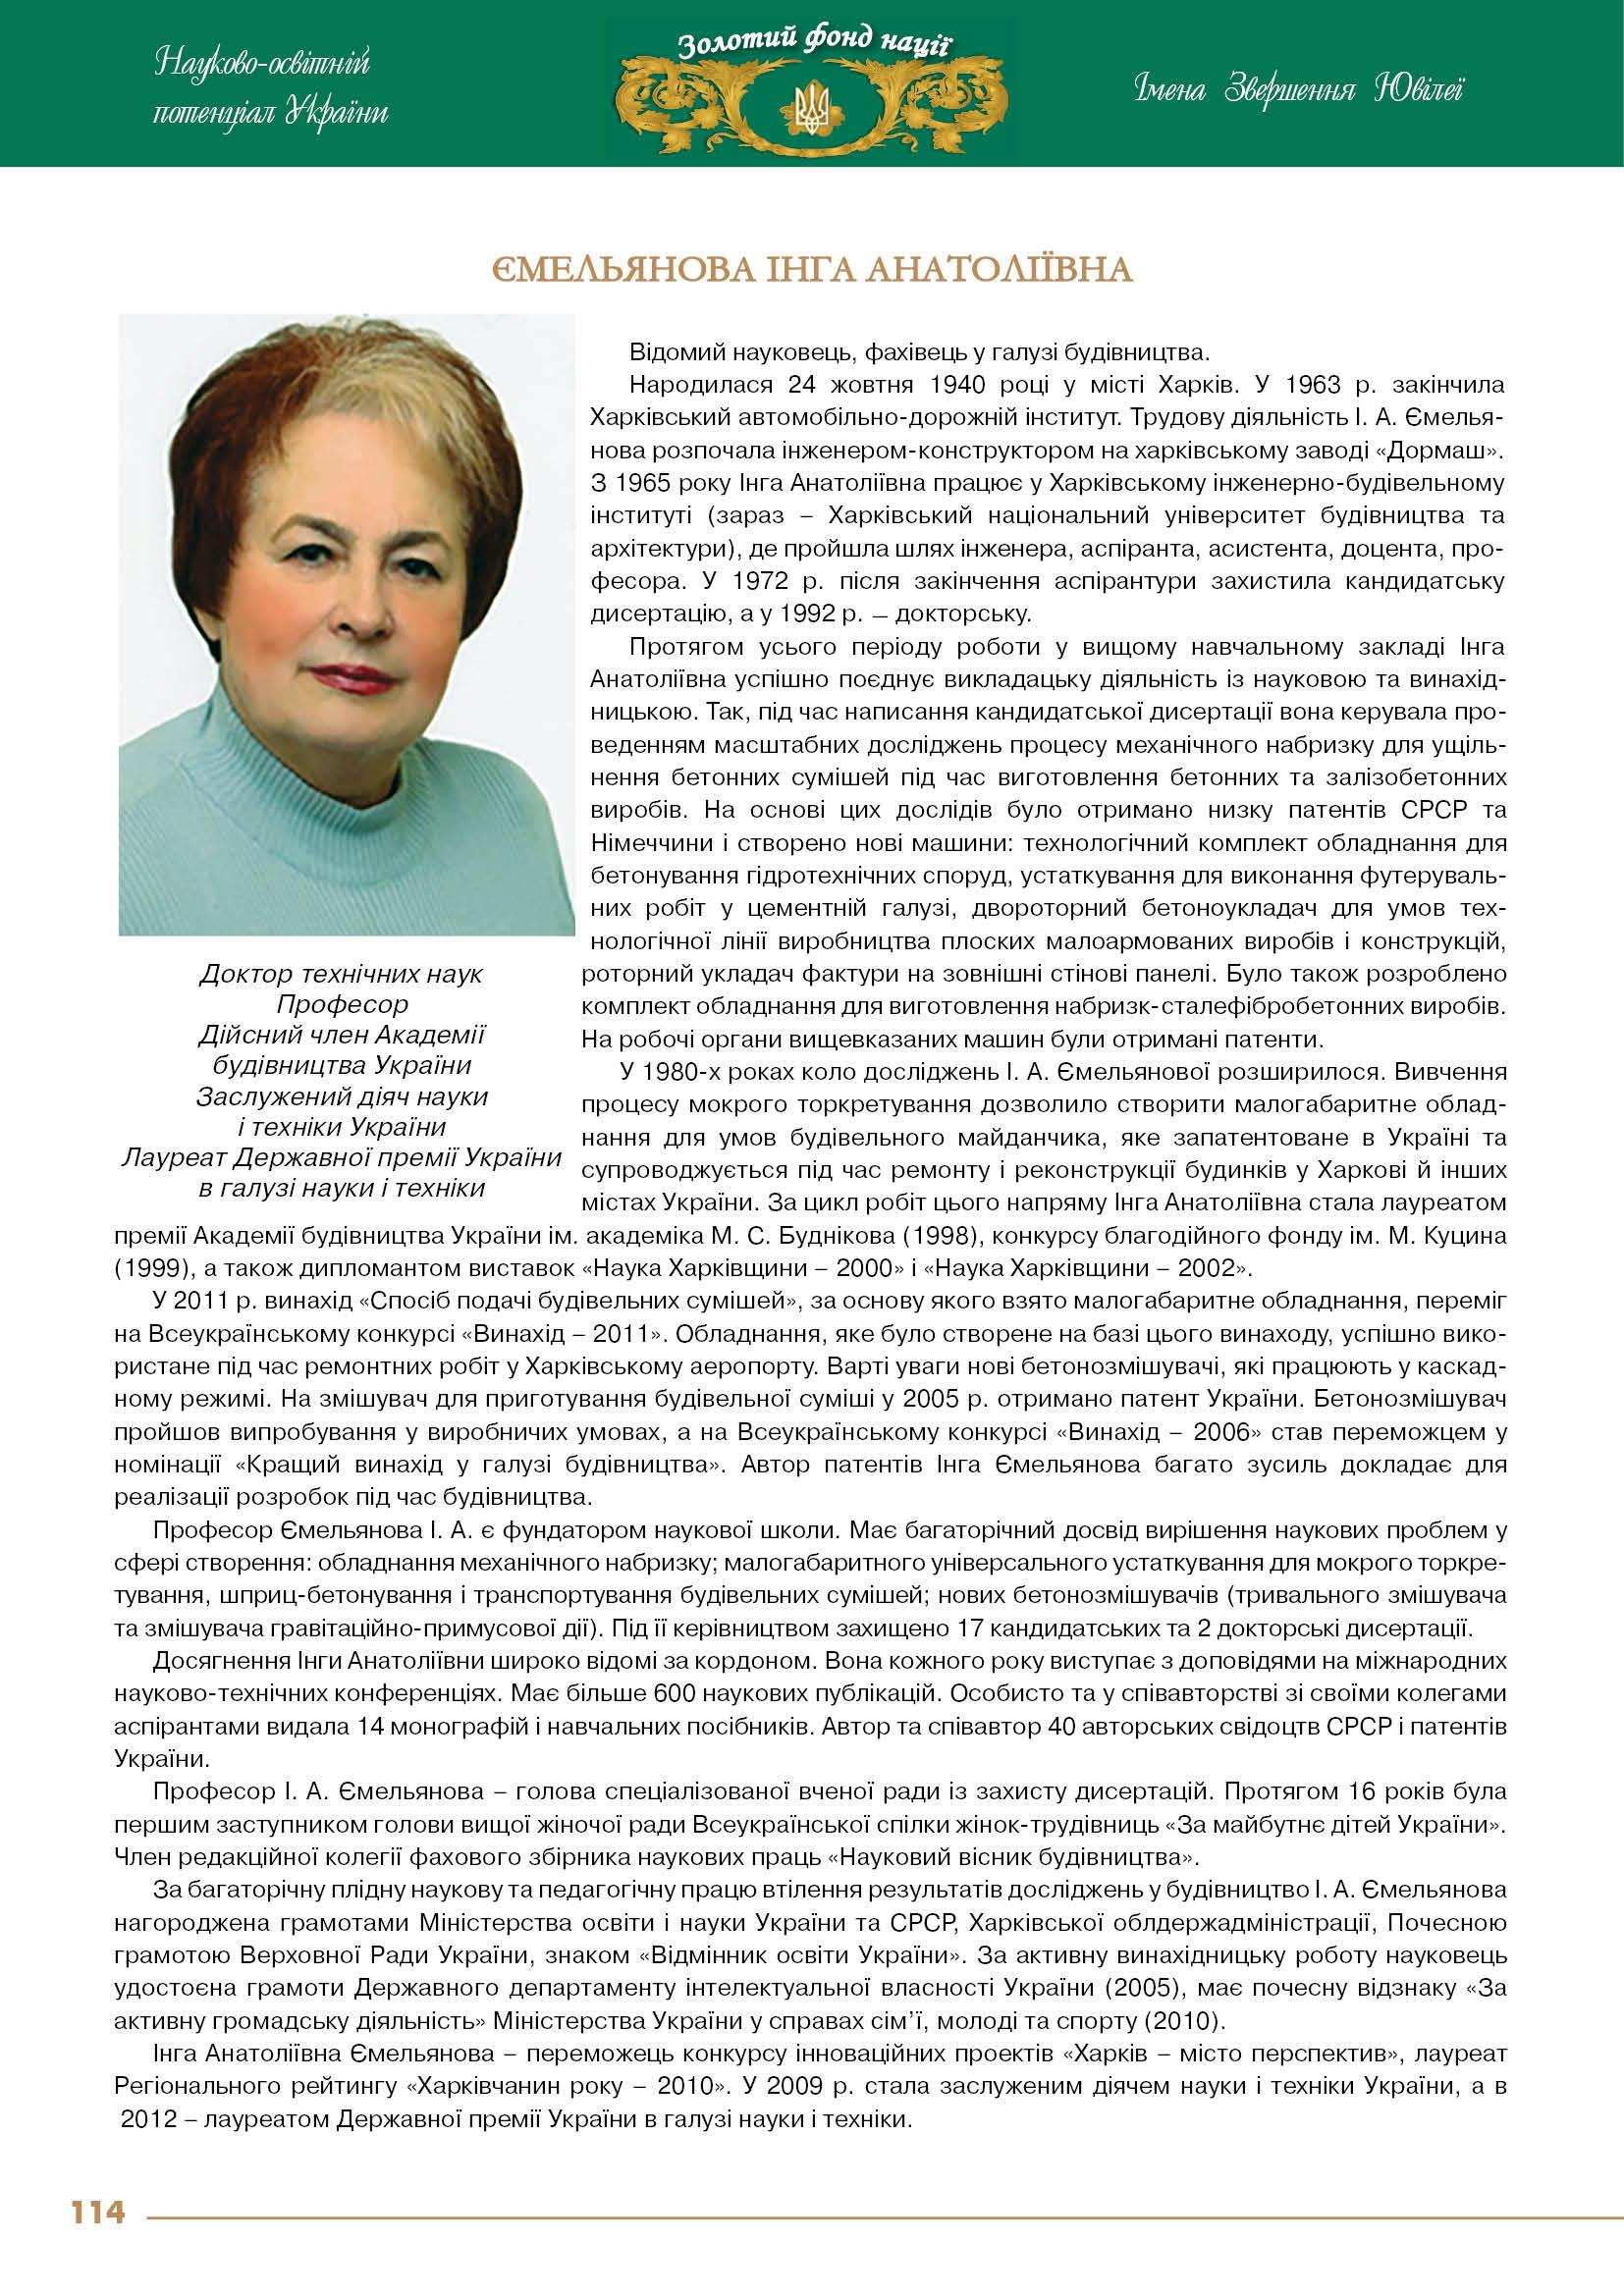 Ємельянова Інга Анатоліївна